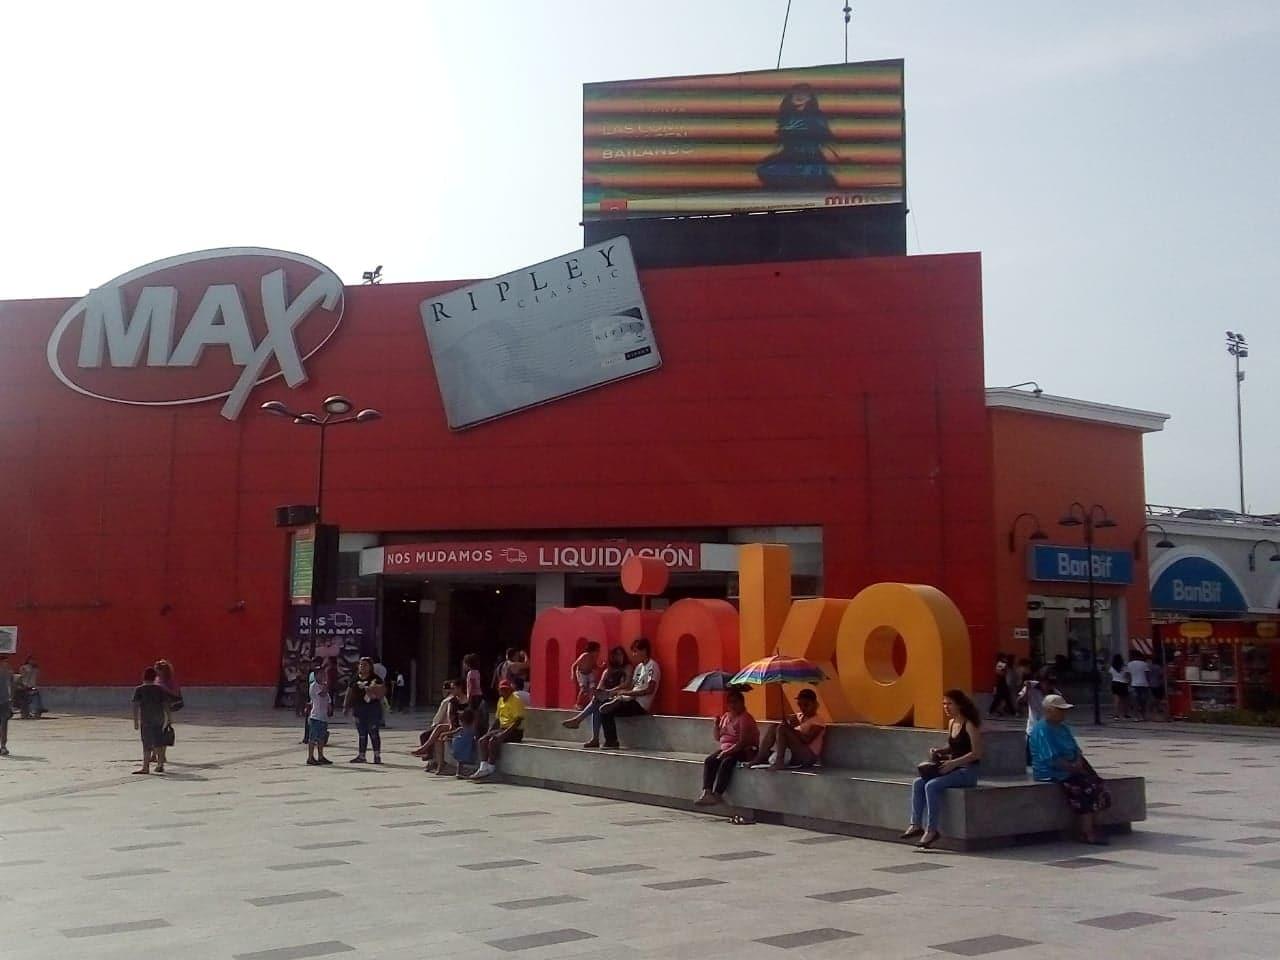 Ripley cerrará tienda Max en Minka del Callao - Perú: ¿Cuál es el panorama del sector retail y centros comerciales para este 2019?